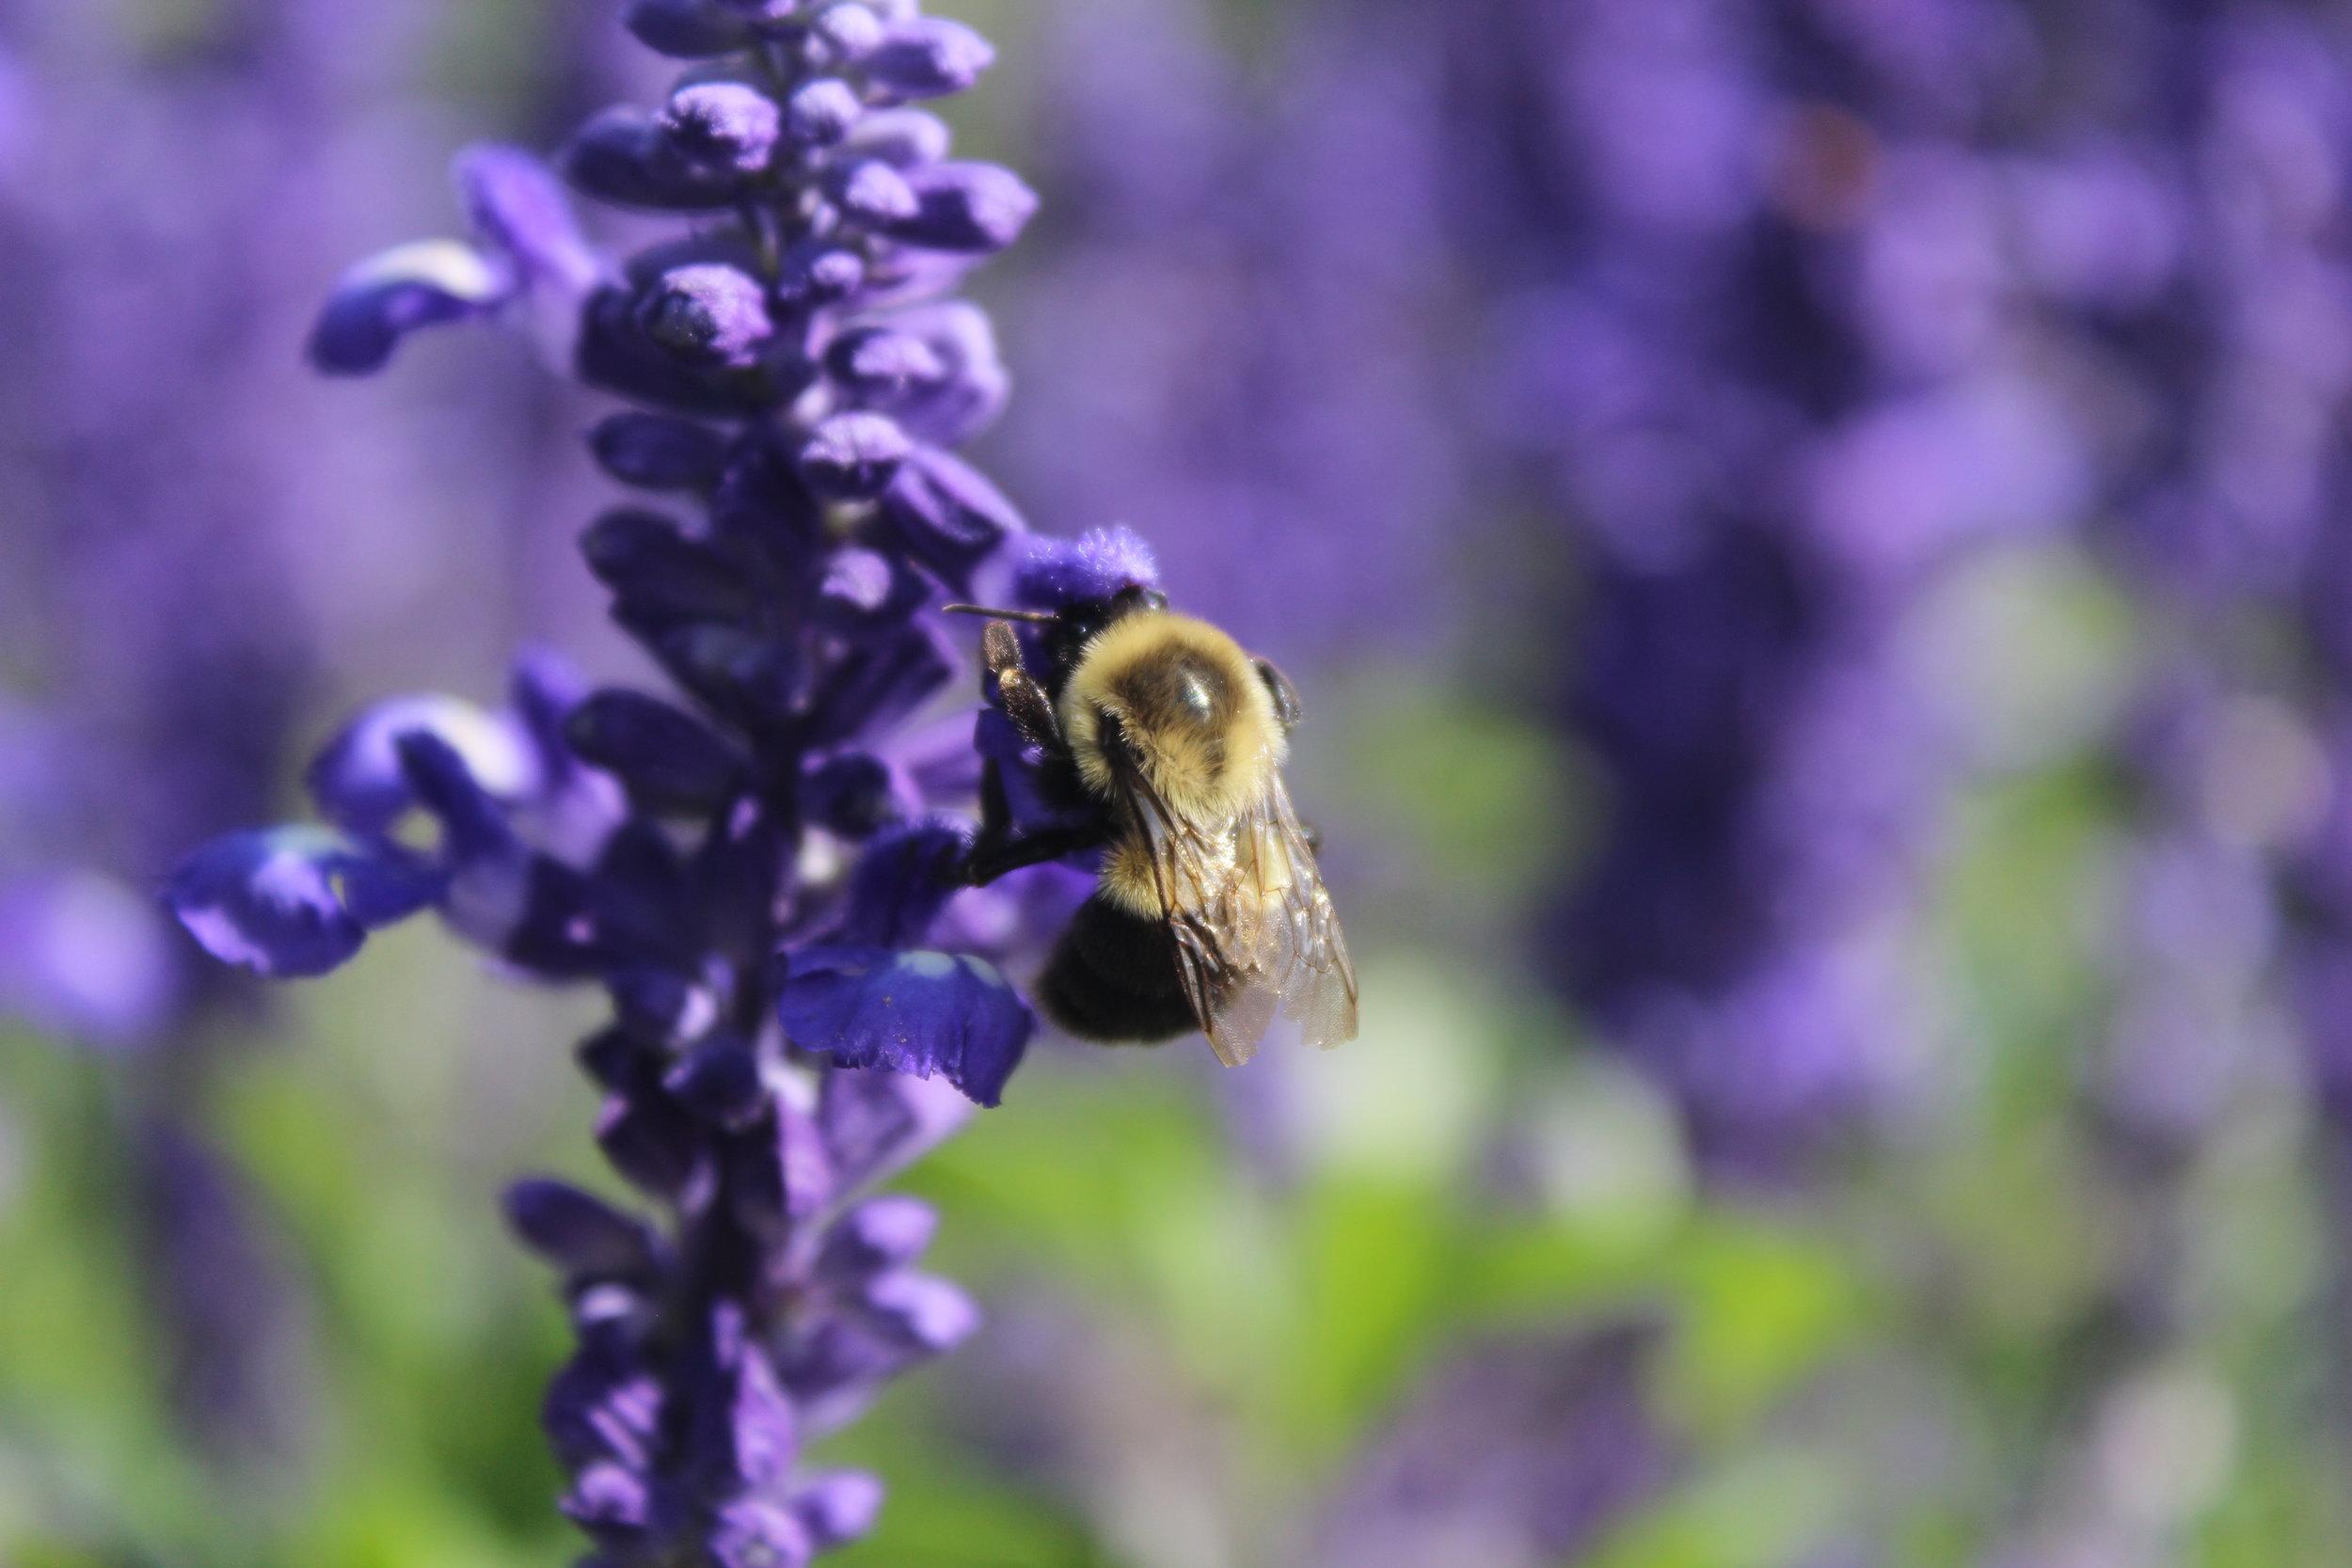 bee on purple flower.JPG